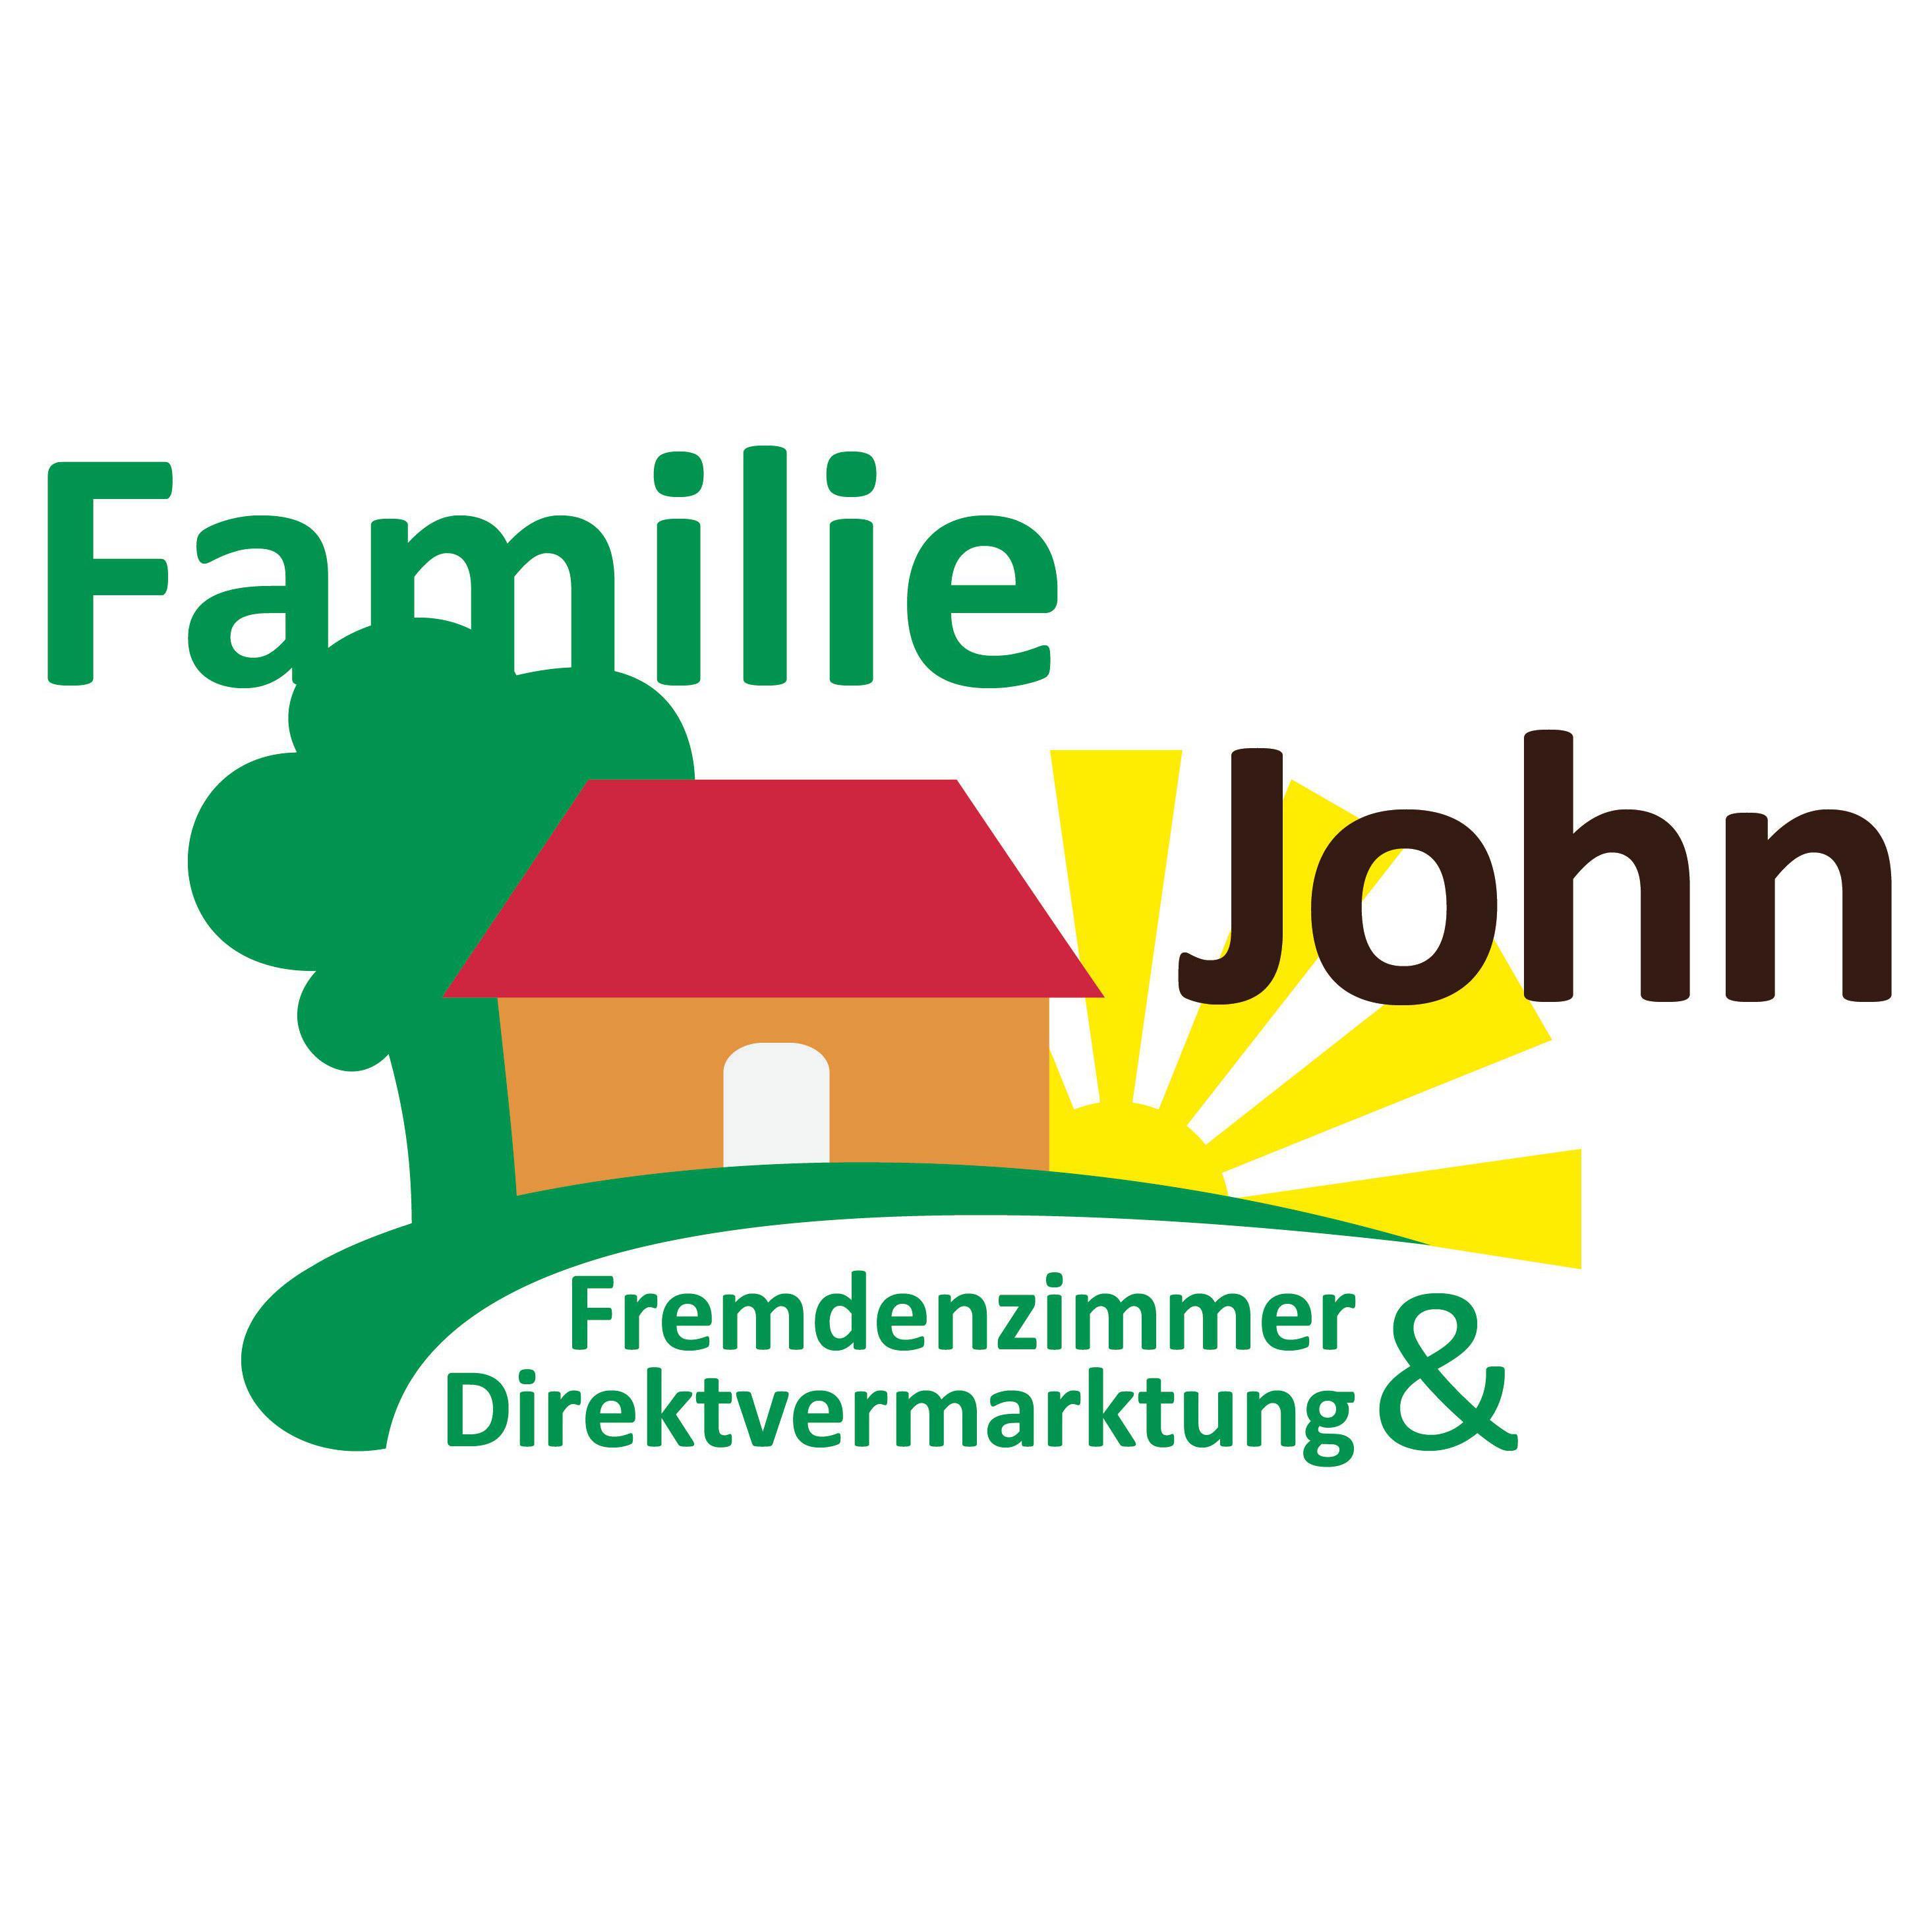 Bild zu Rudolf John Fremdenzimmer Direktvermarktung Hofladen in Veitsbronn